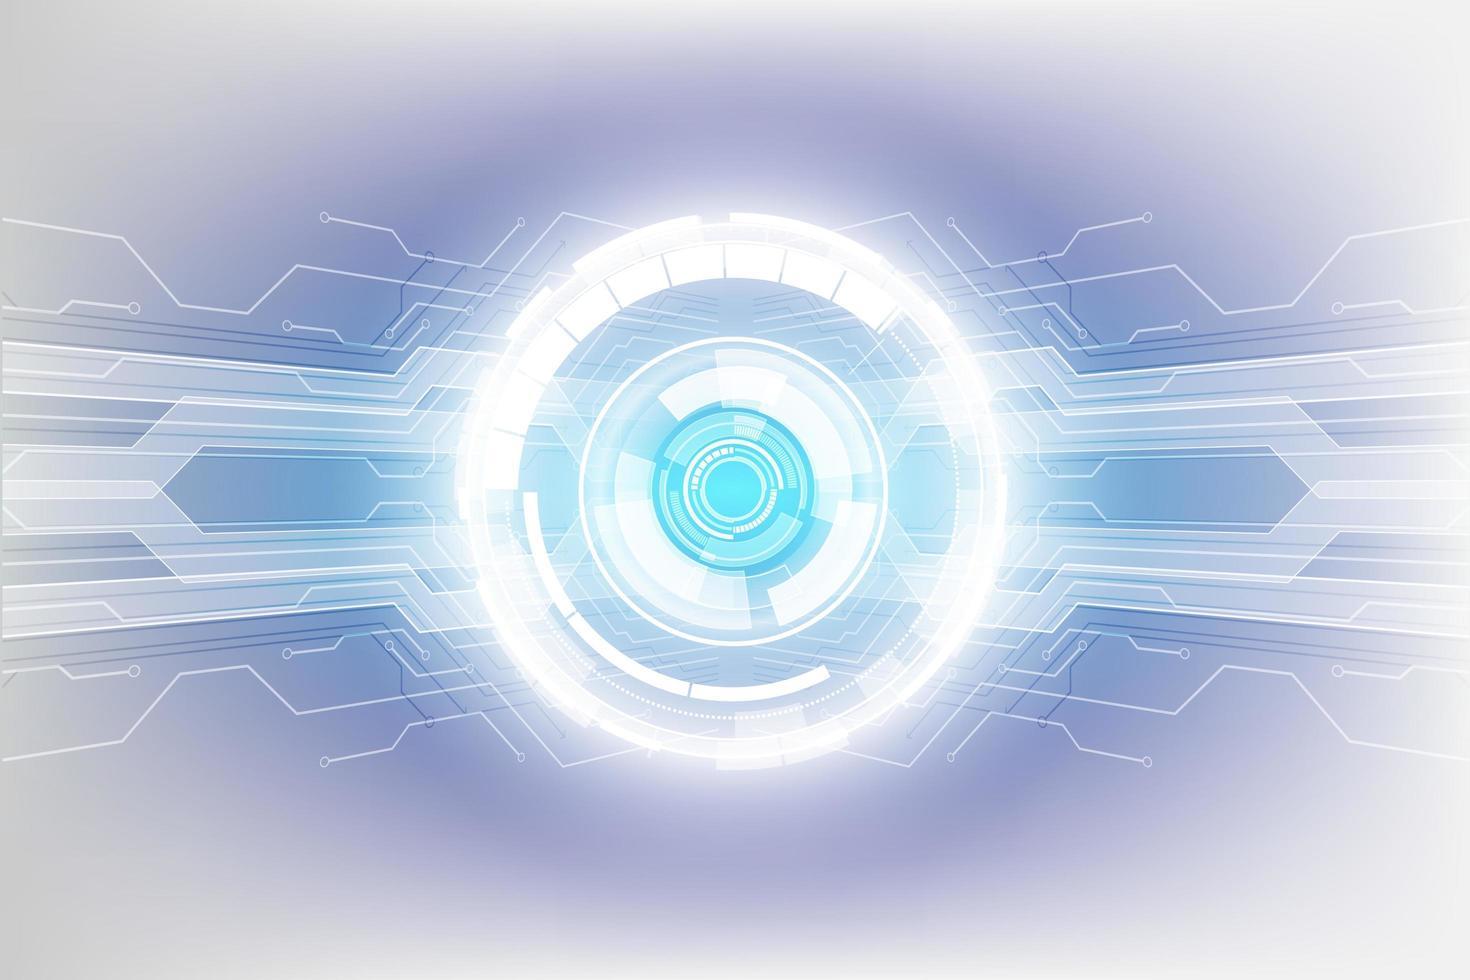 fundo abstrato do conceito de tecnologia, ilustração vetorial vetor